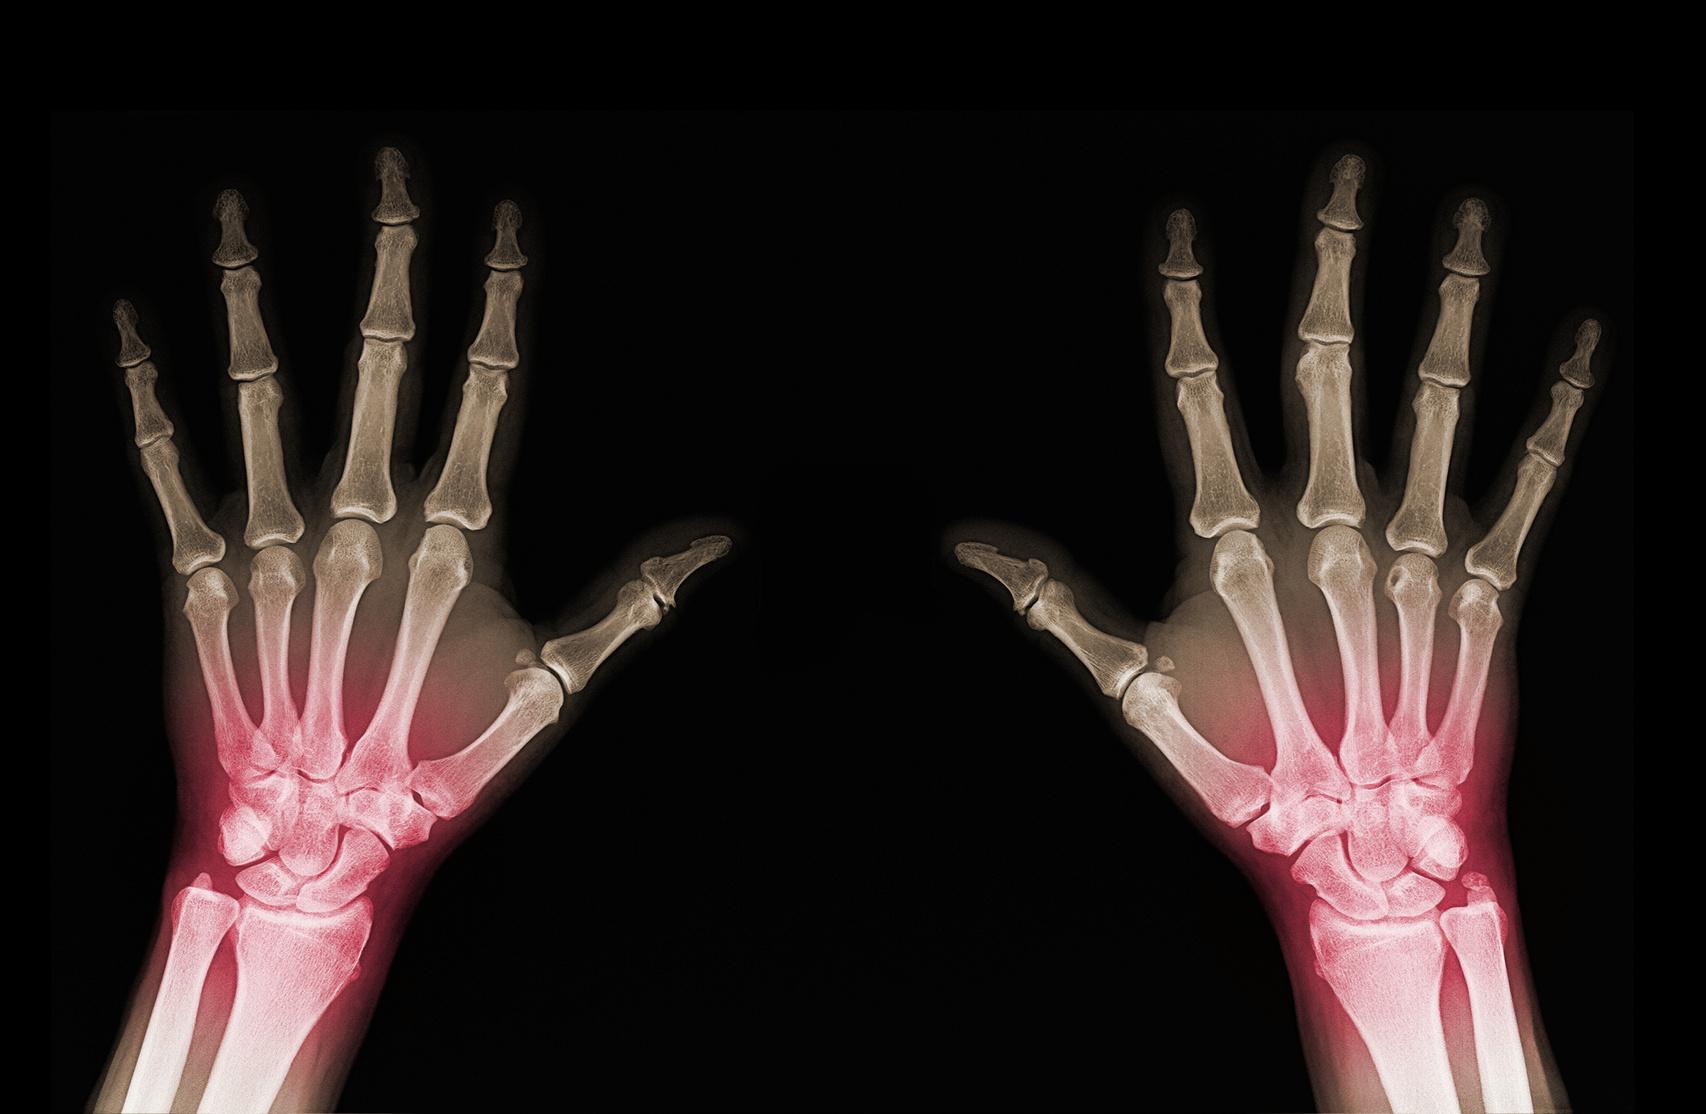 Regenerative Orthopedics Institute image 1